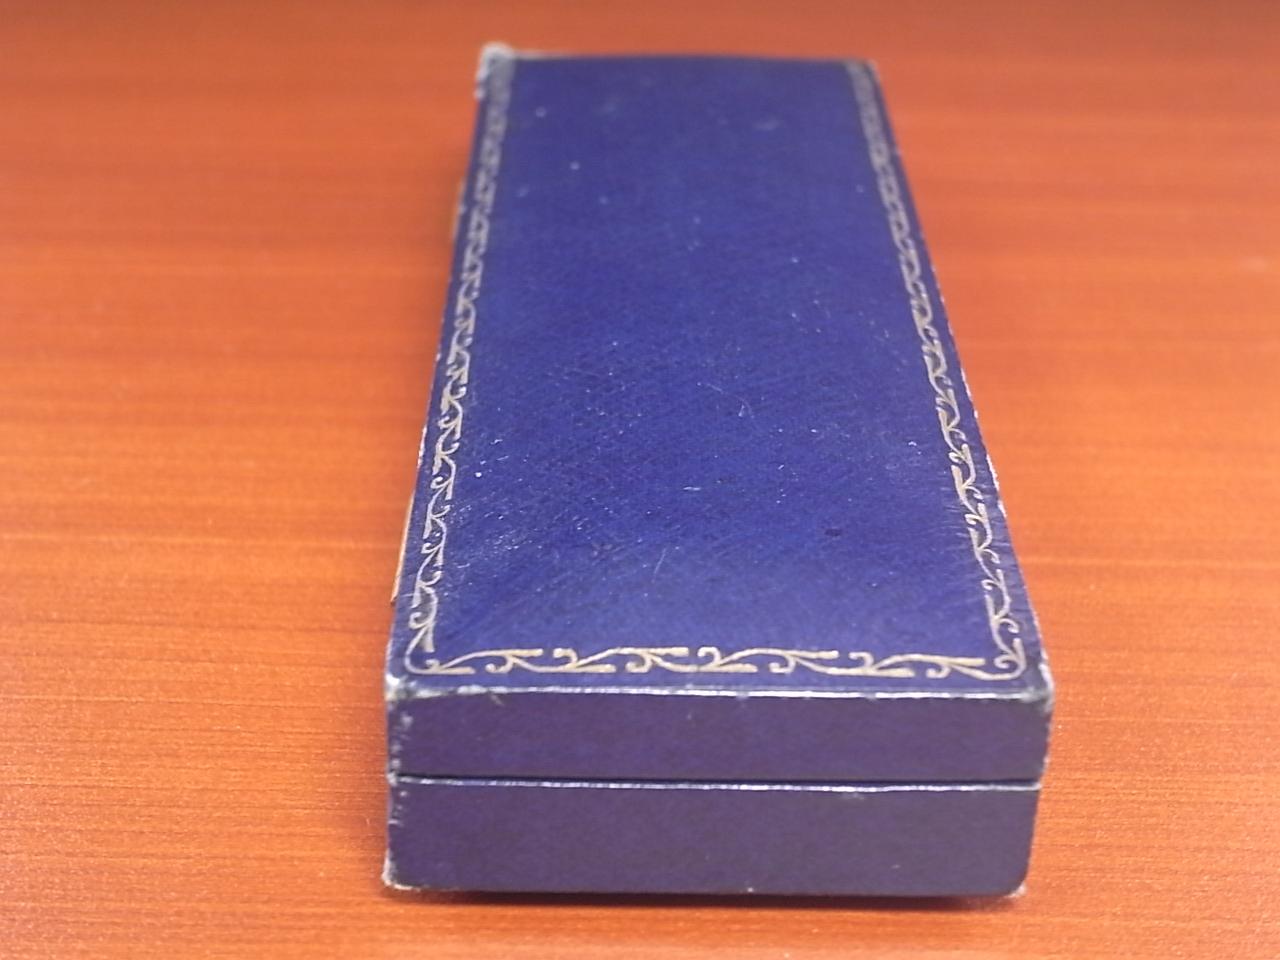 J.W.ベンソン アンティーク 箱 ウォッチボックス ネイビー 1940年代の写真6枚目